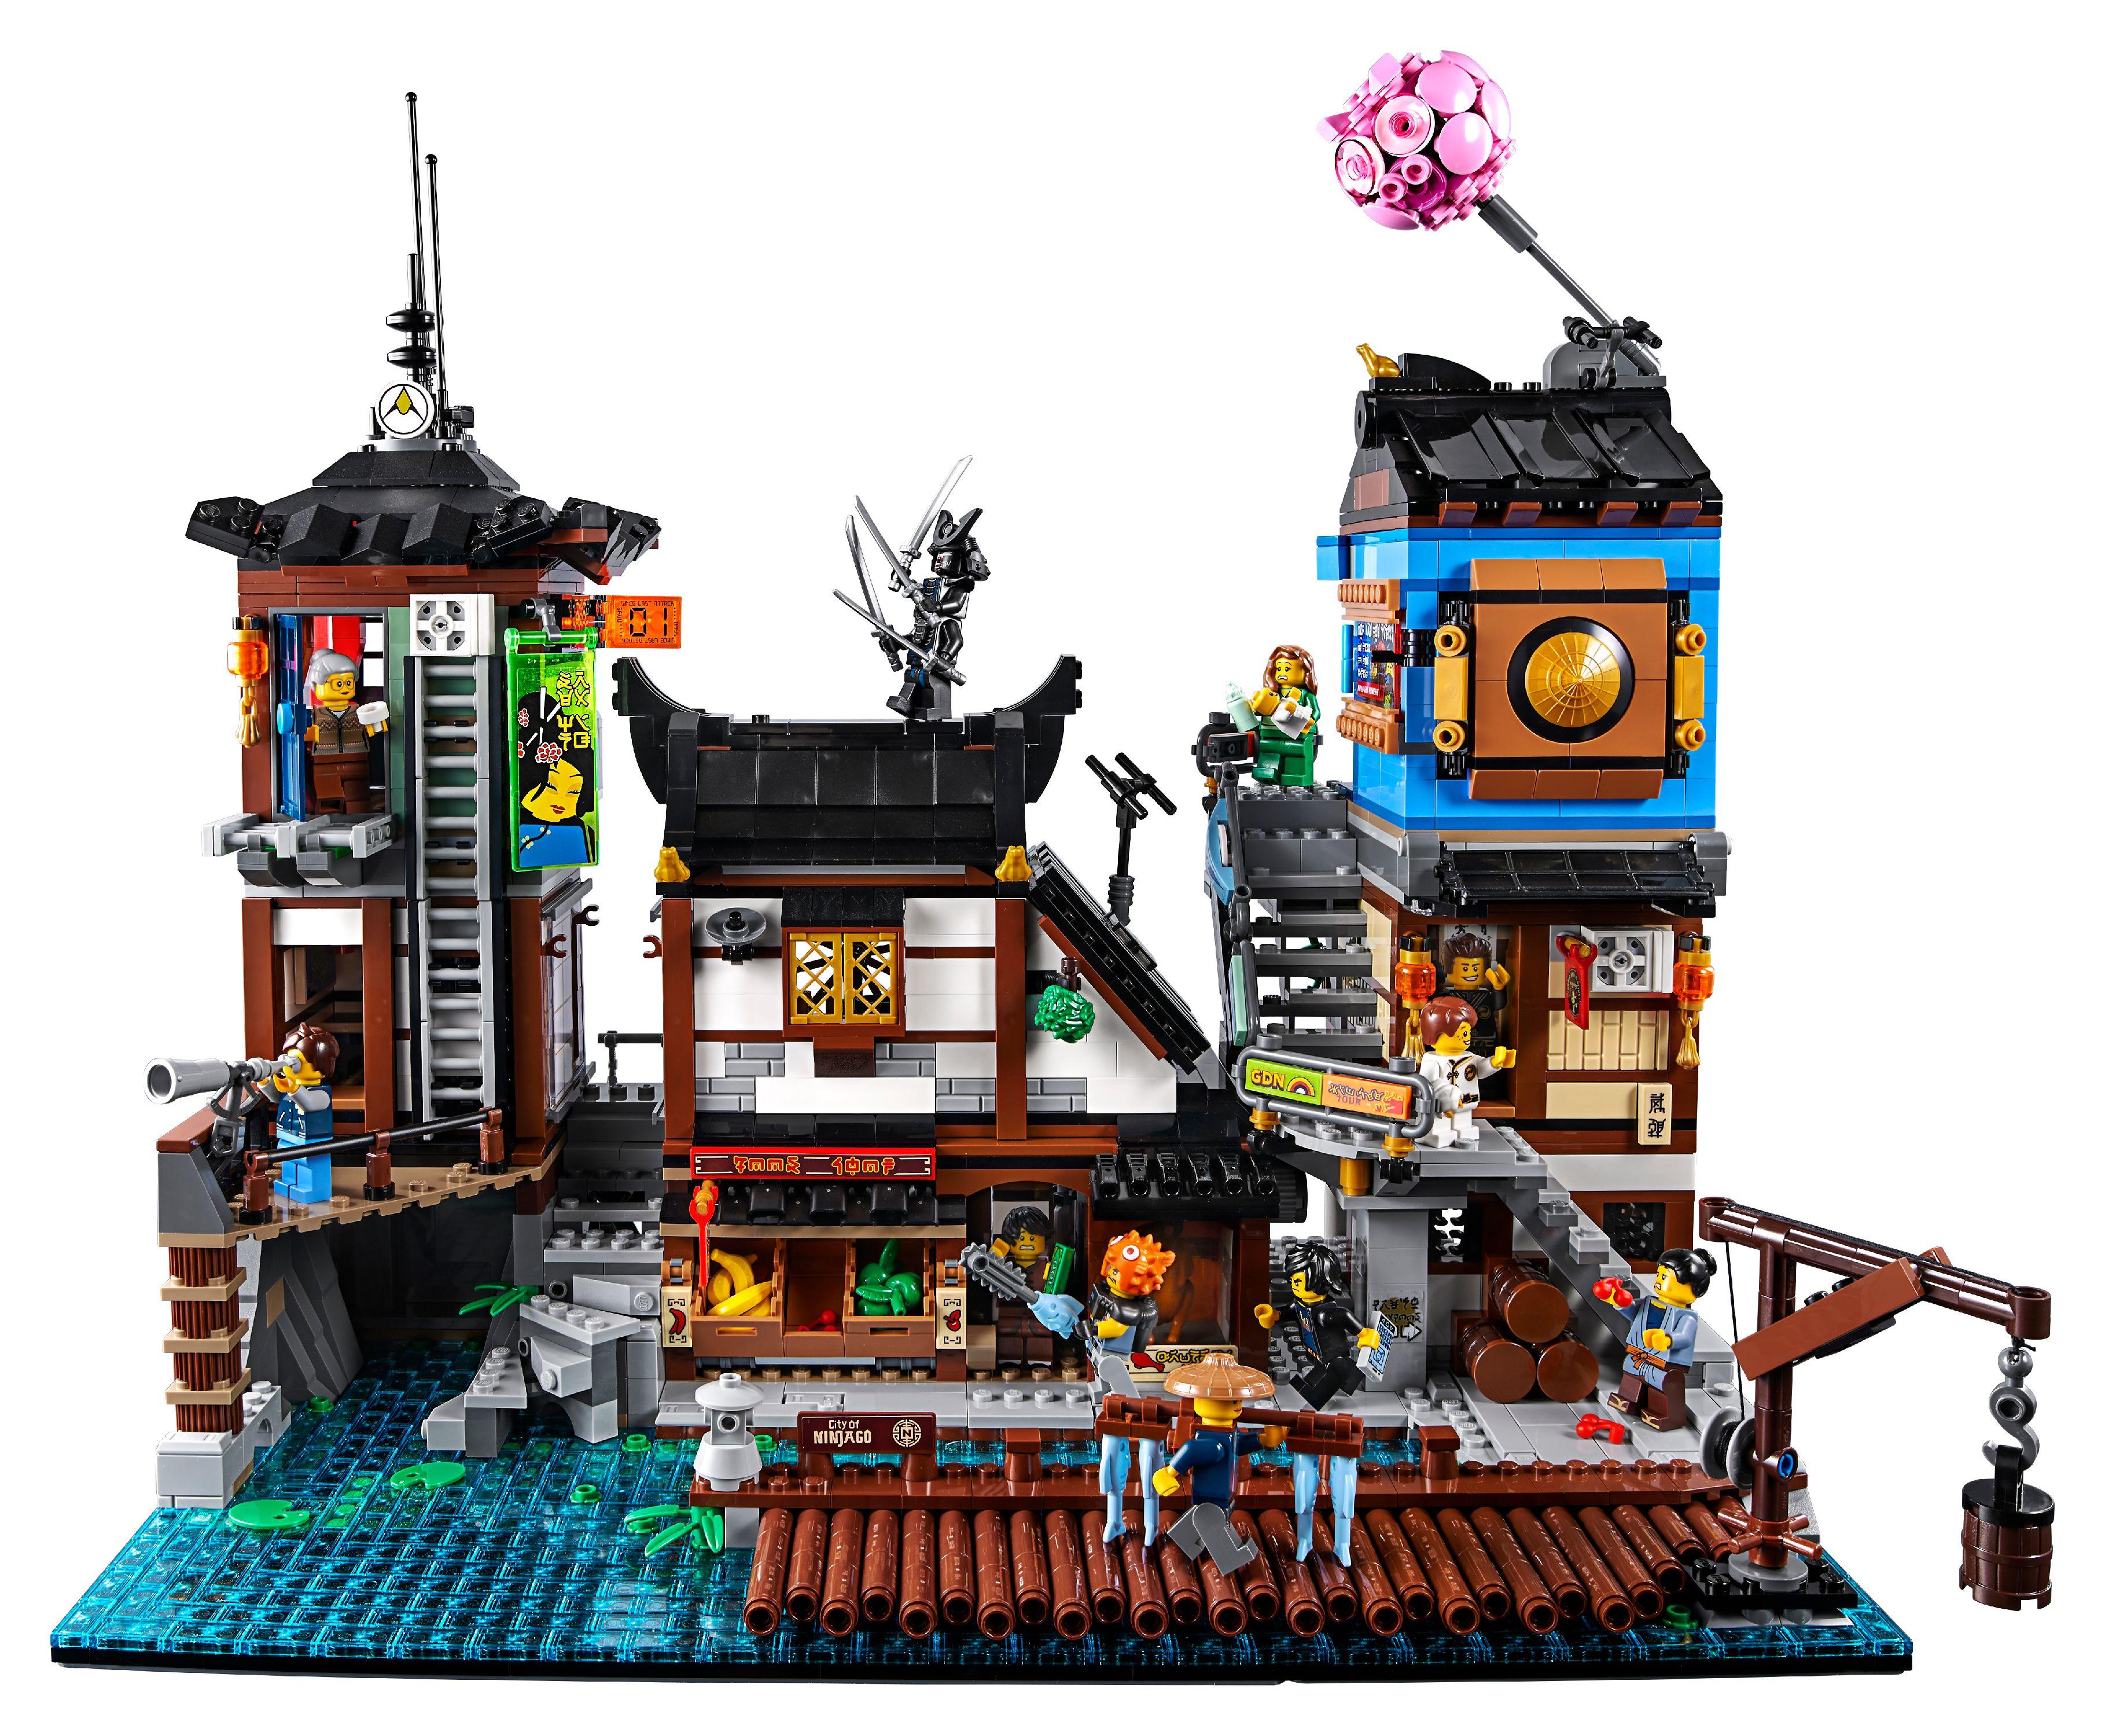 Lego Ninjago Movie City Docks 70657 3553 Pieces Walmartcom